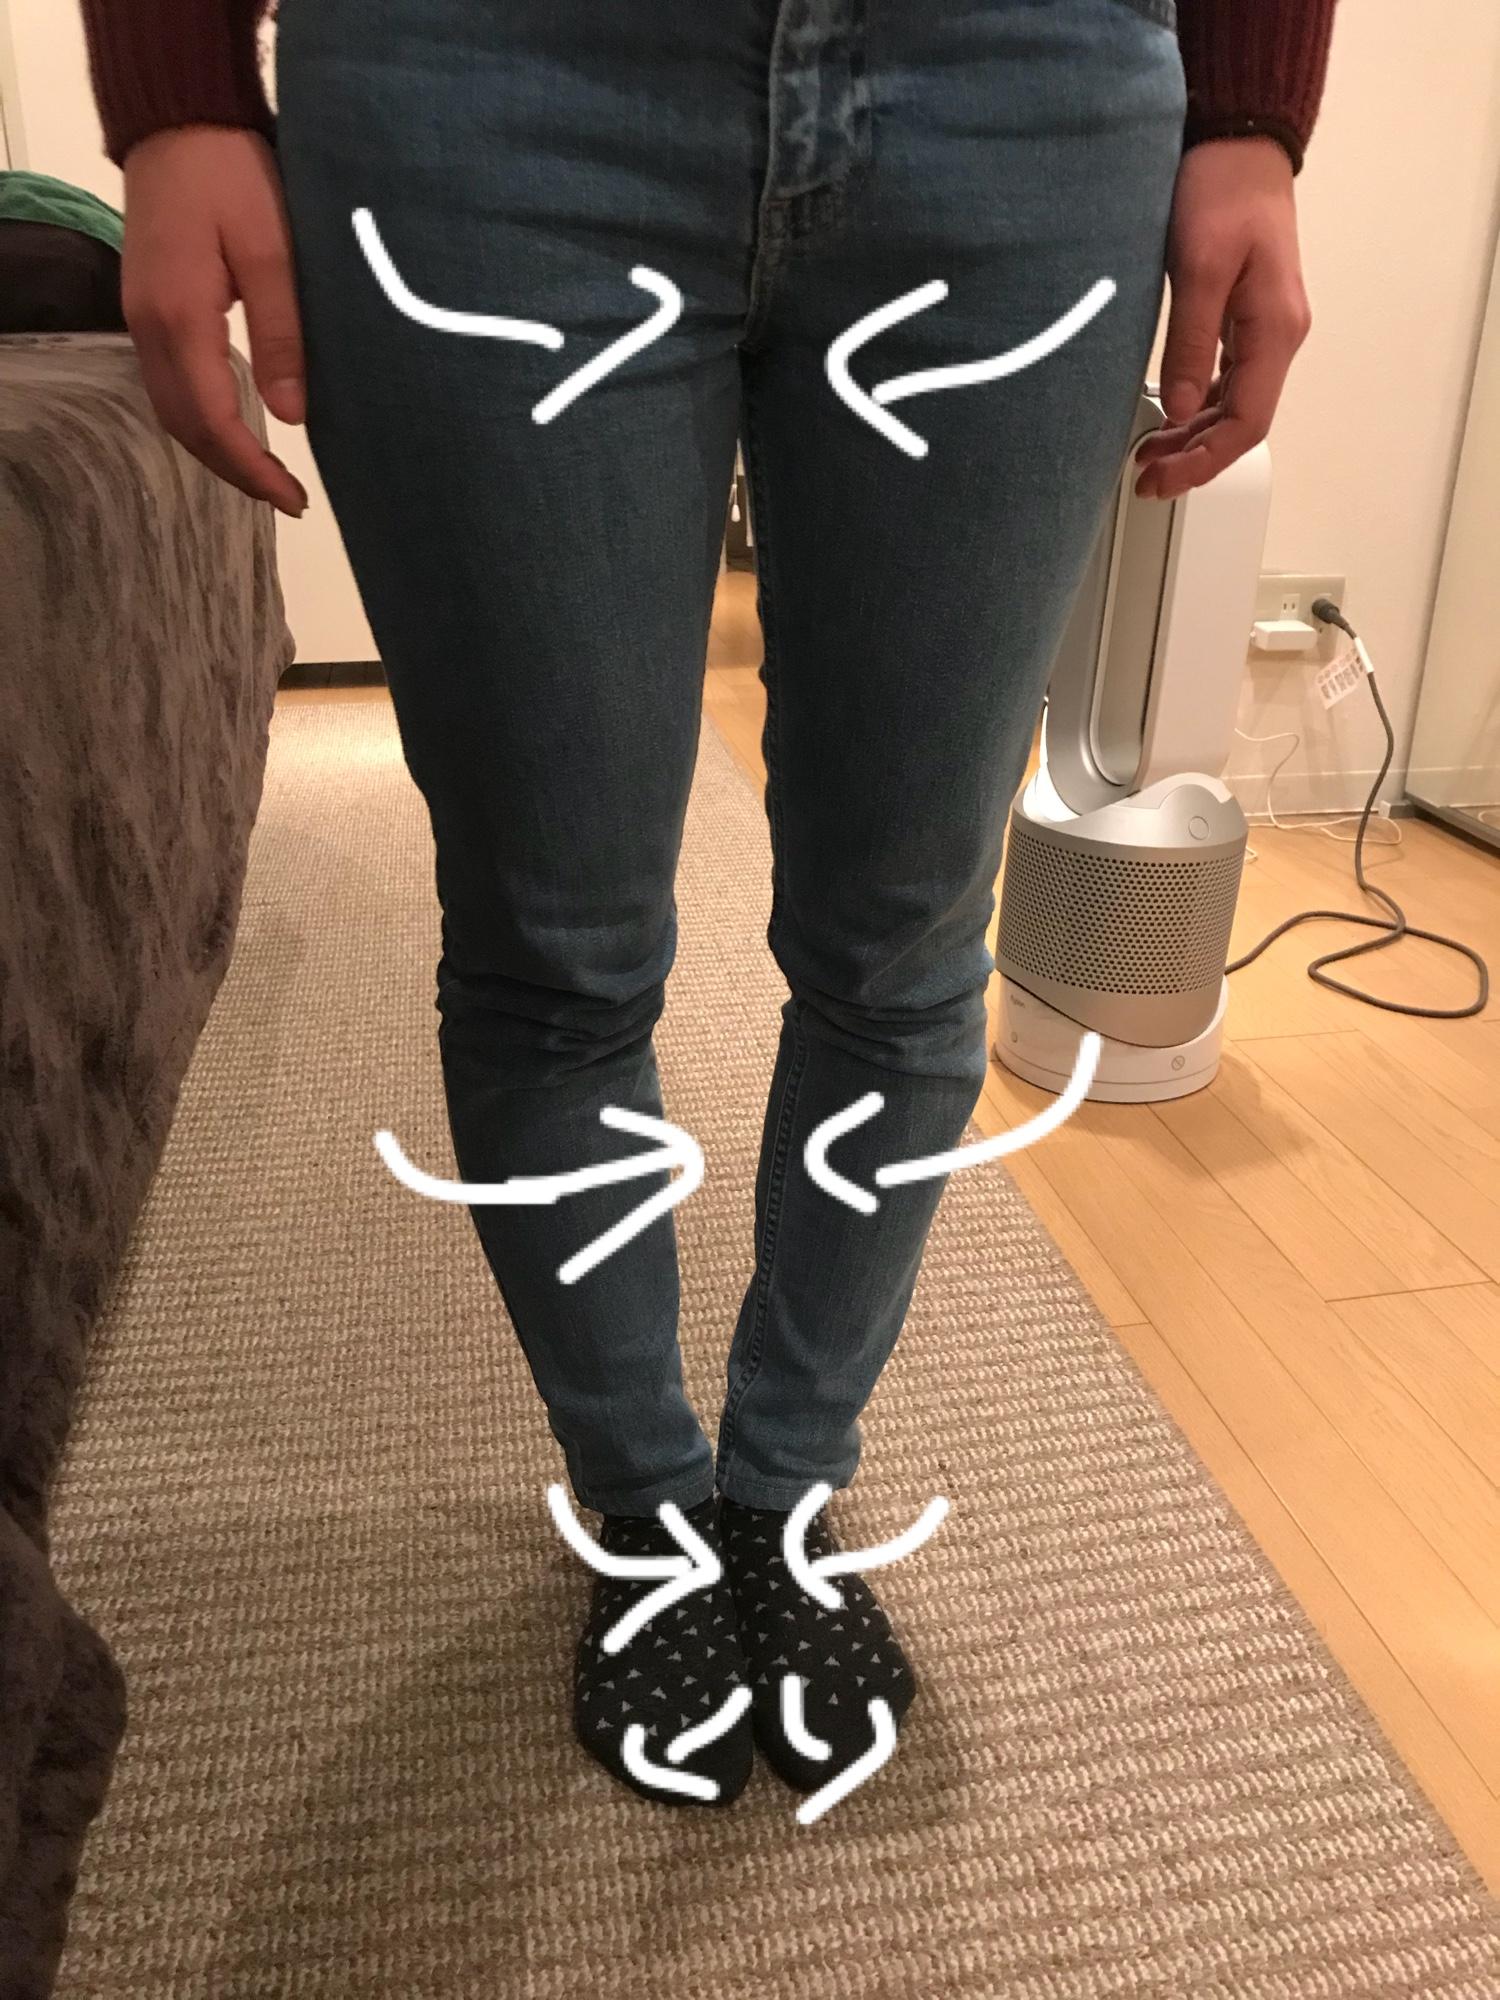 足の歪みを矯正すればO脚は改善する。